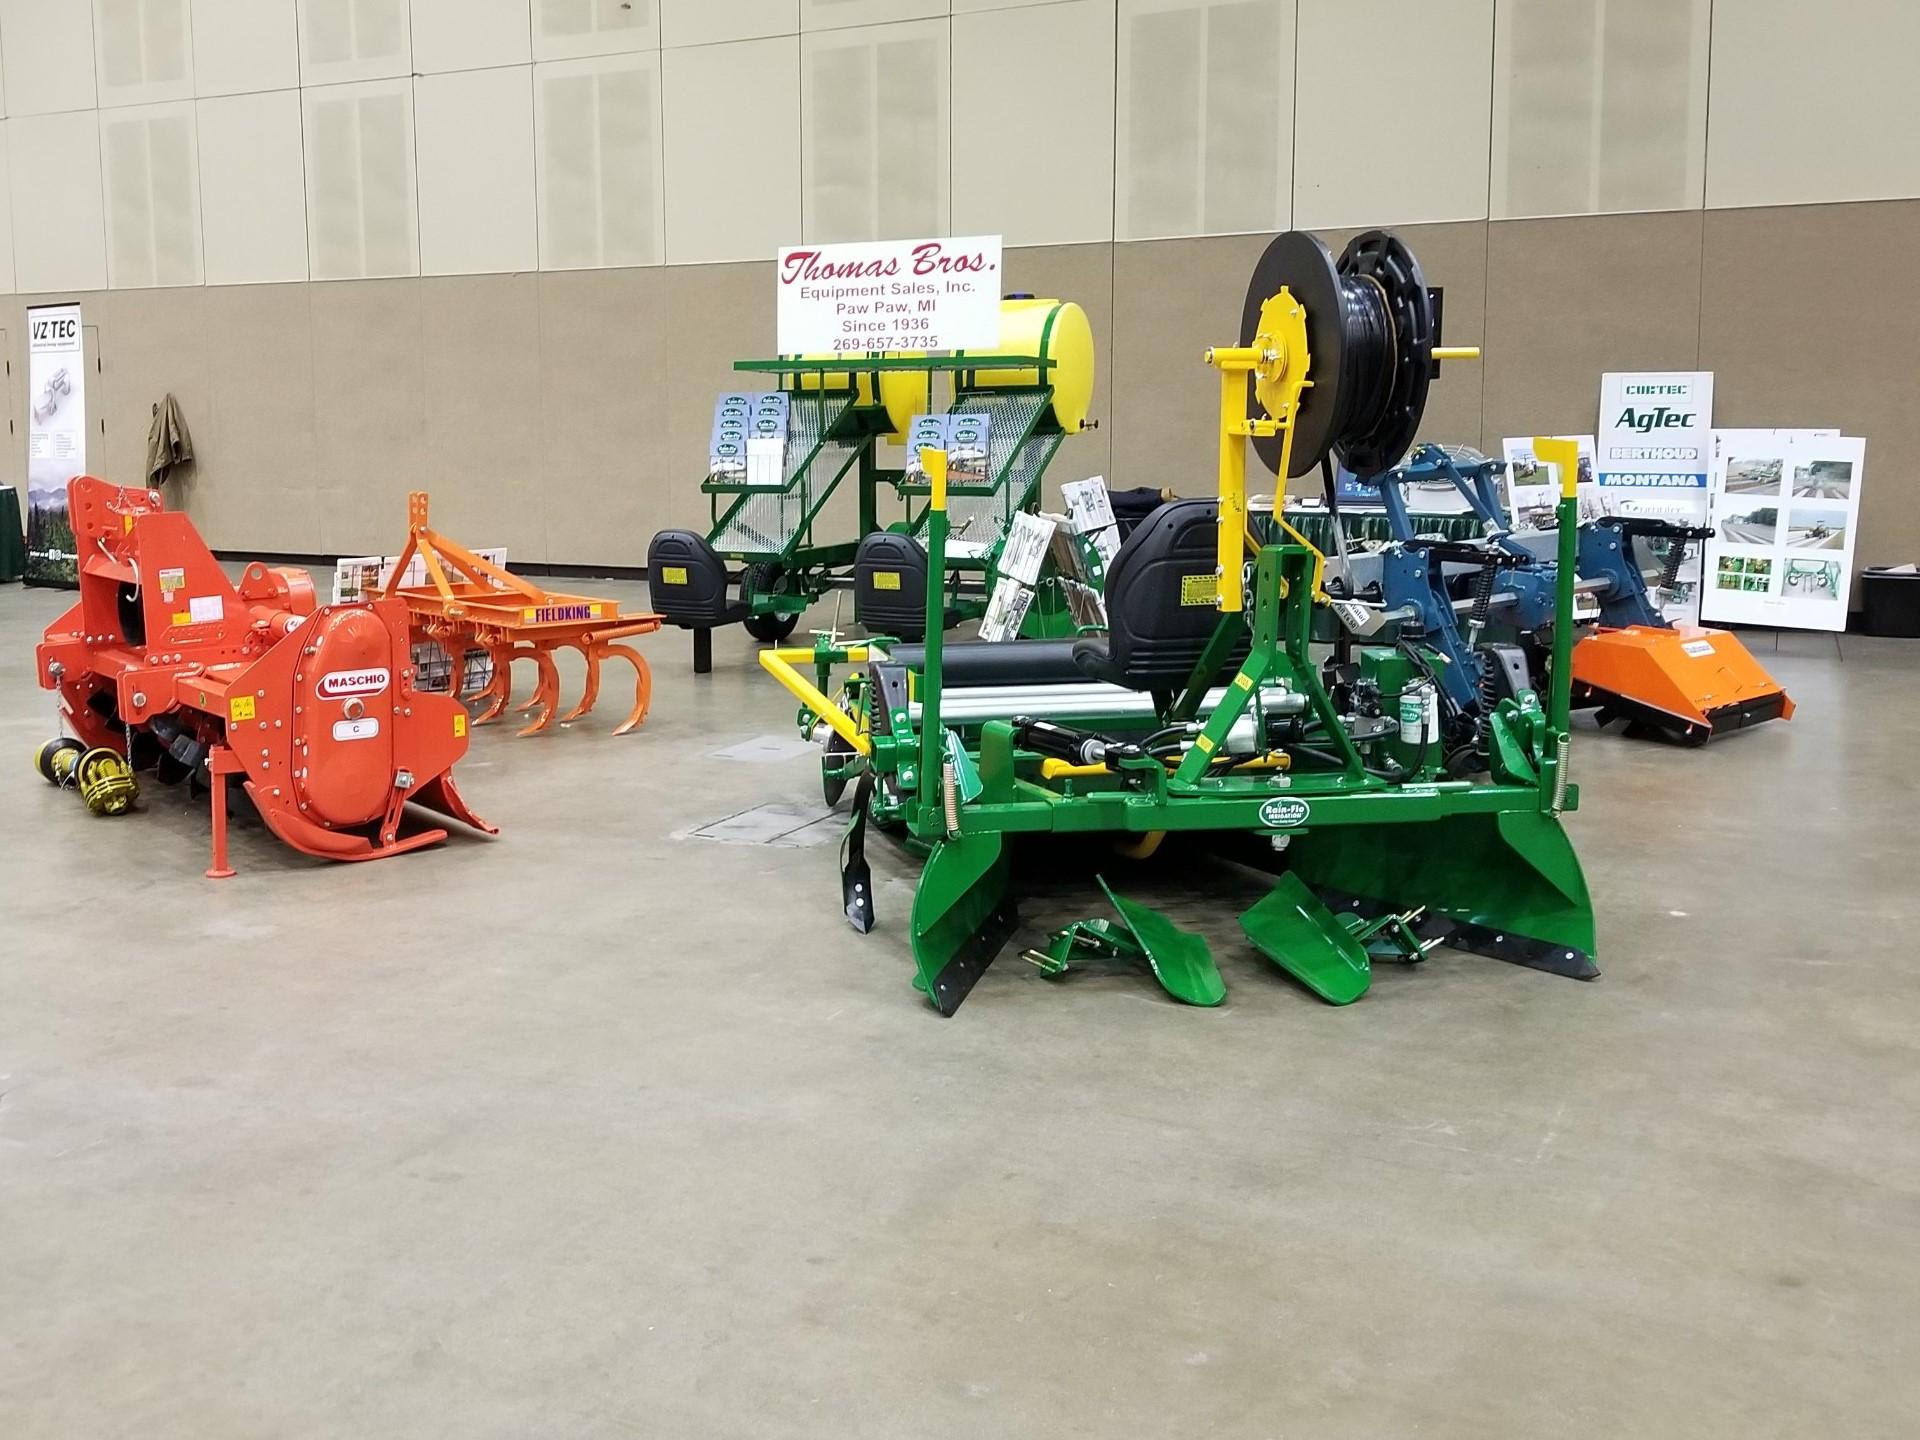 Thomas Bros Equipment